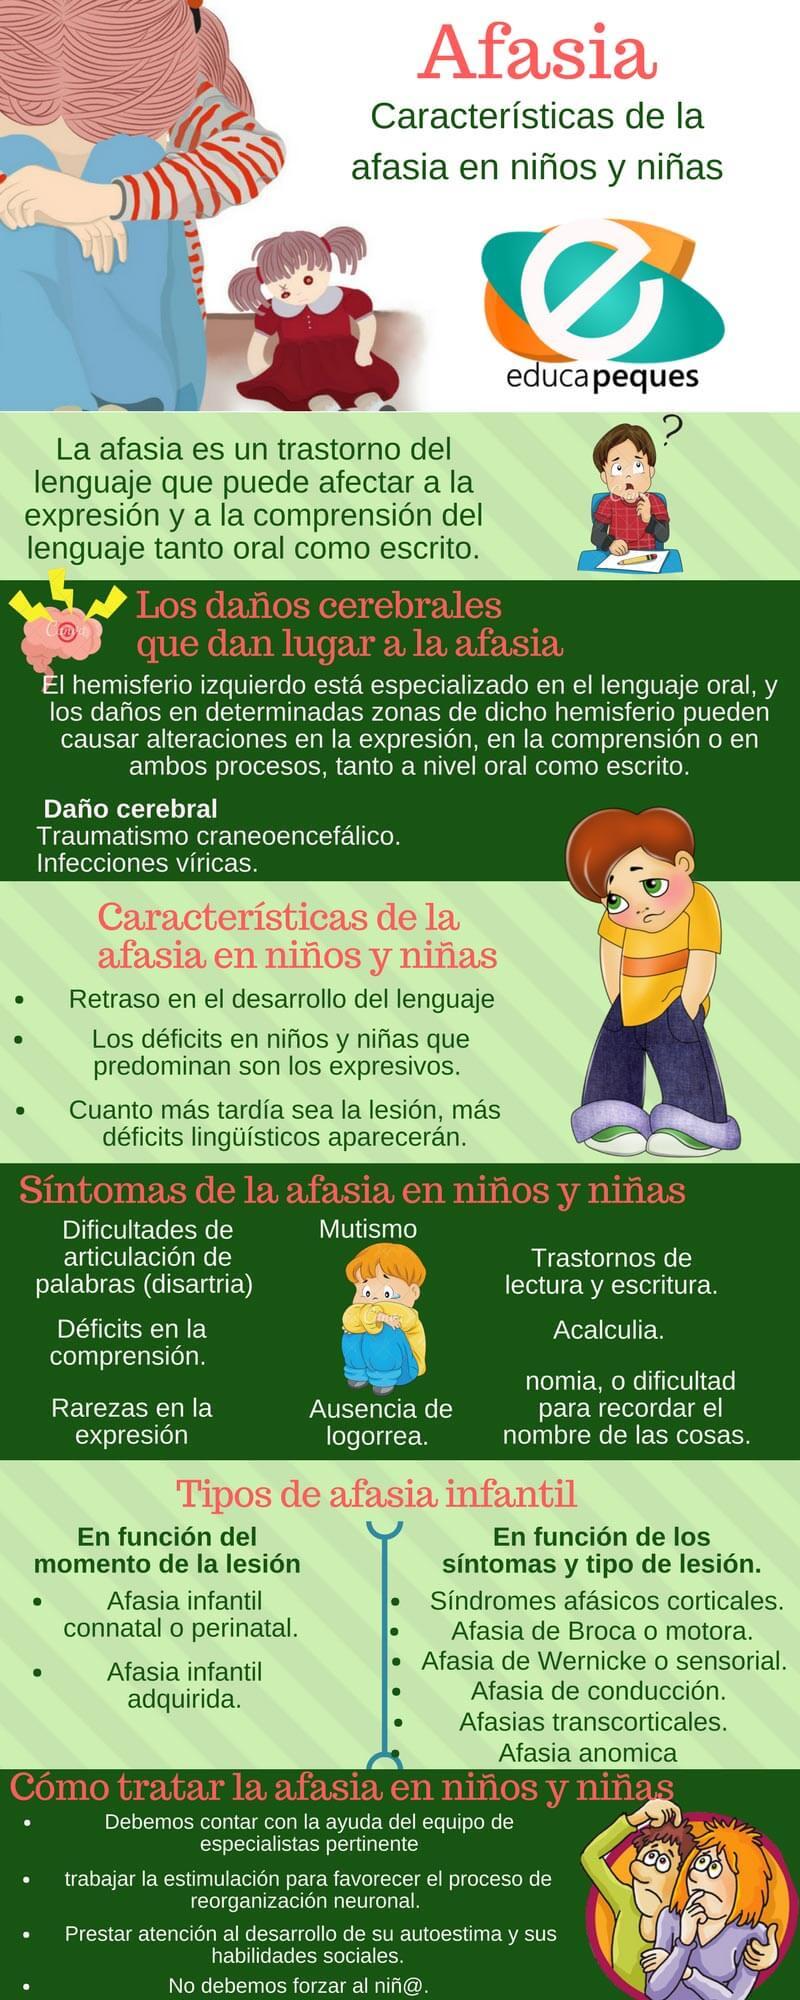 infografia afasia en niños